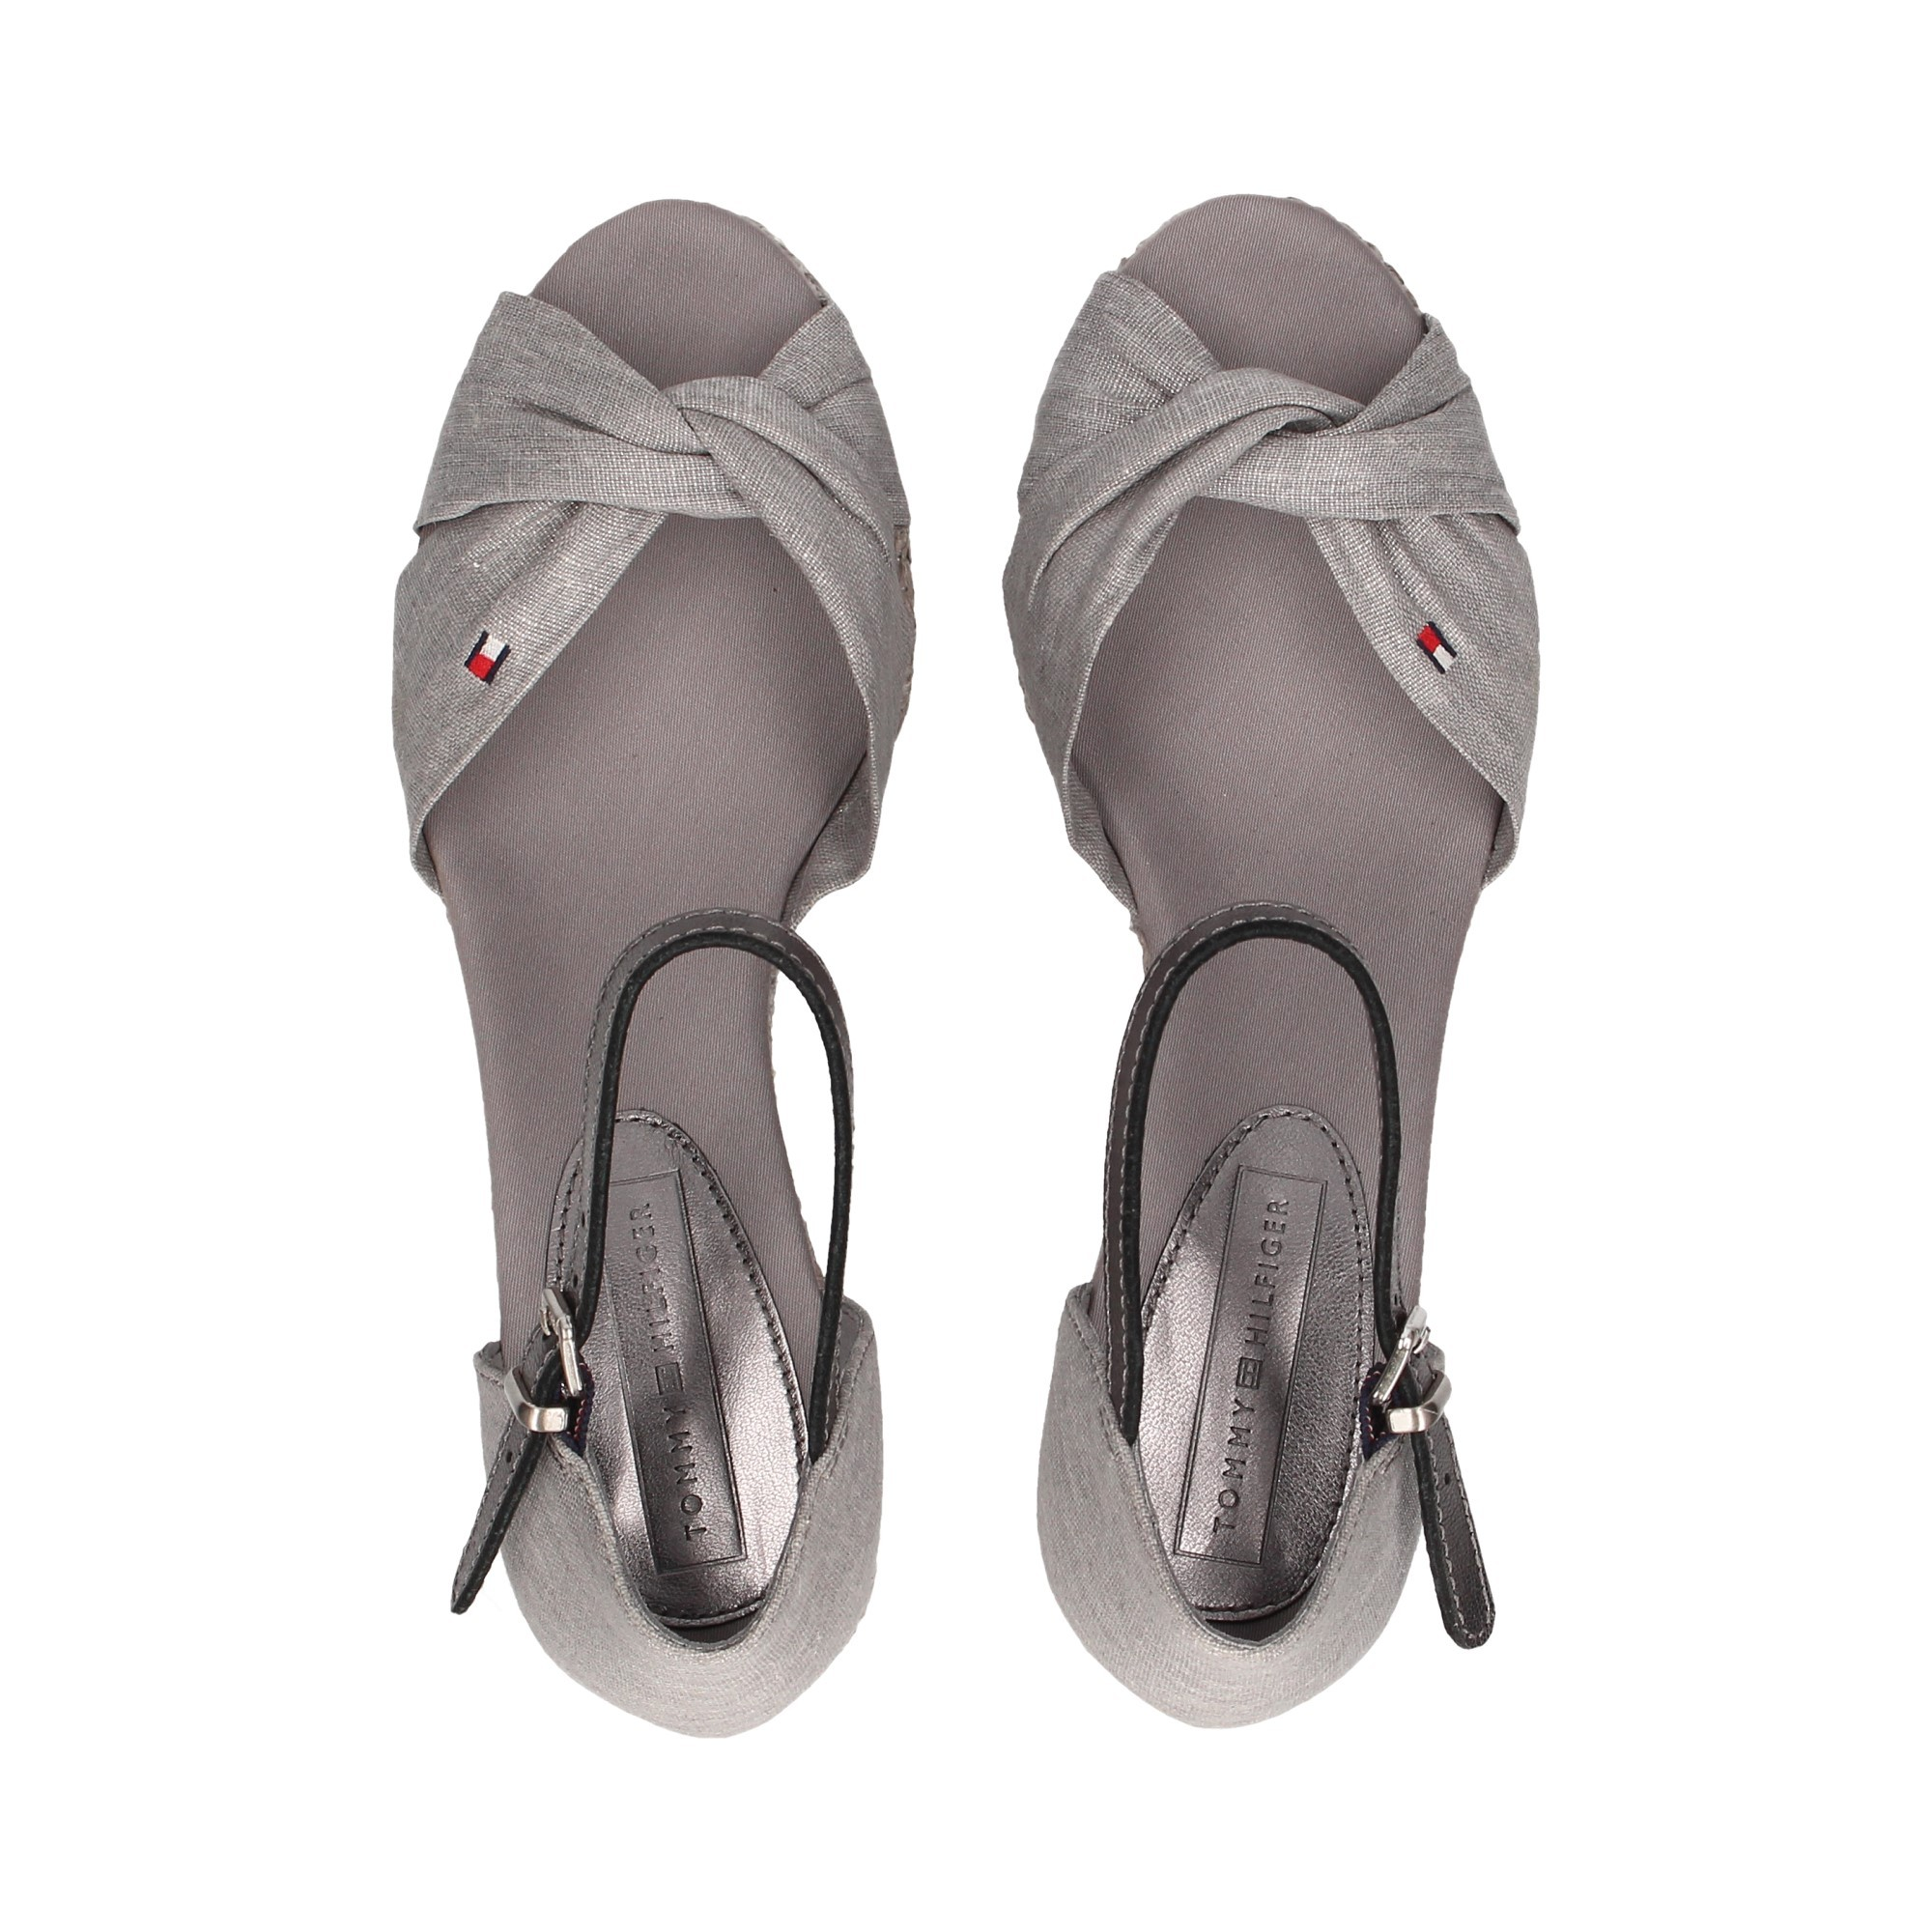 sandalia-cinzenta-do-no-de-materia-textil